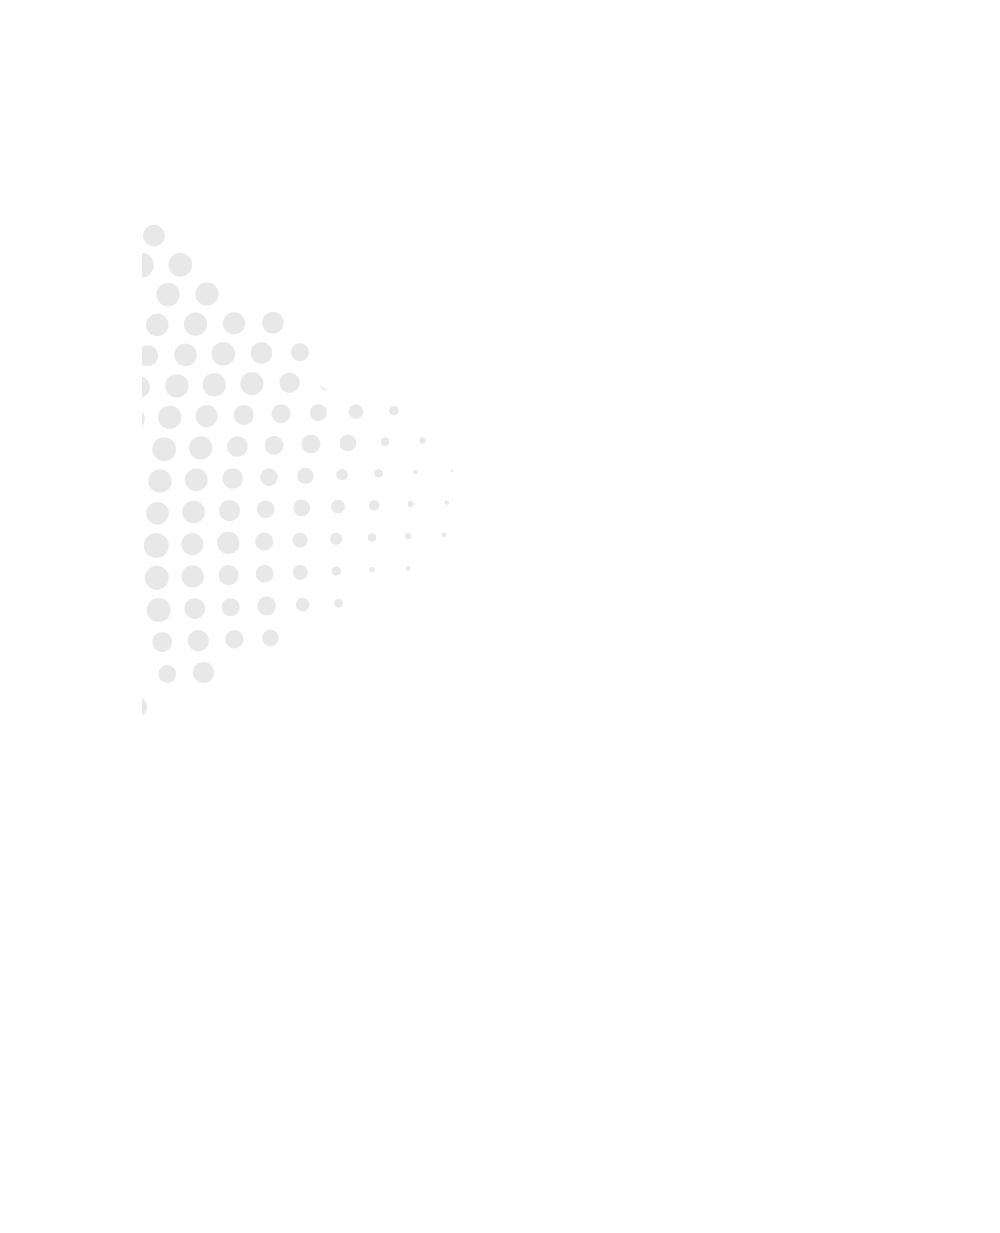 slajd1-tlo4